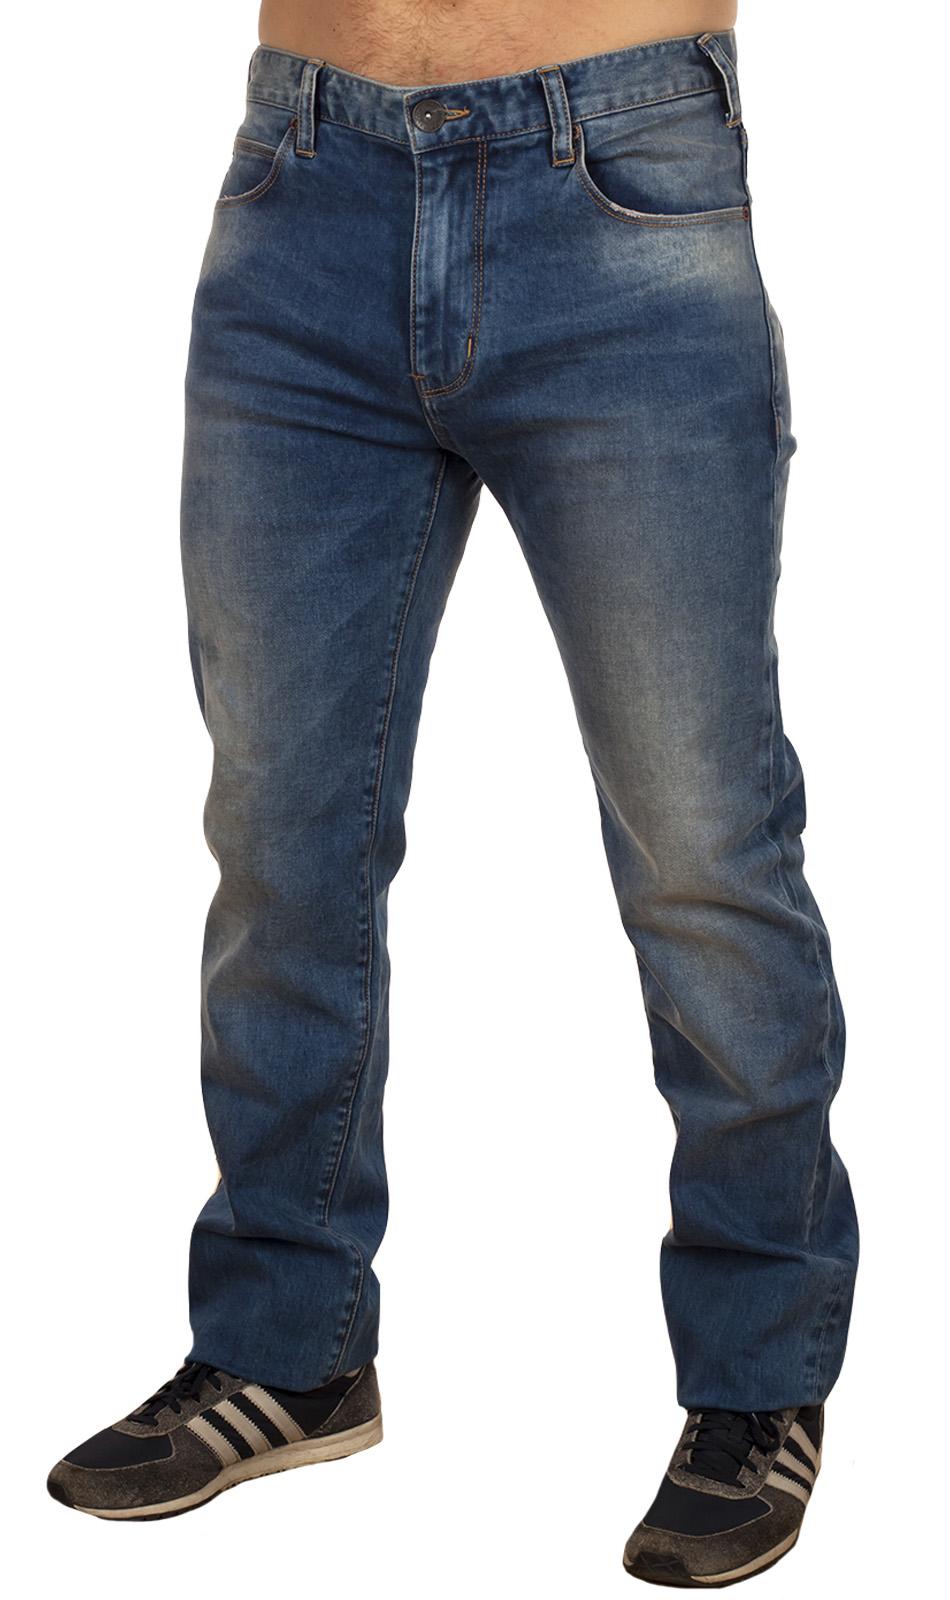 Купить в интернет магазине мужские джинсы ARMANI JEANS 02cd4319288